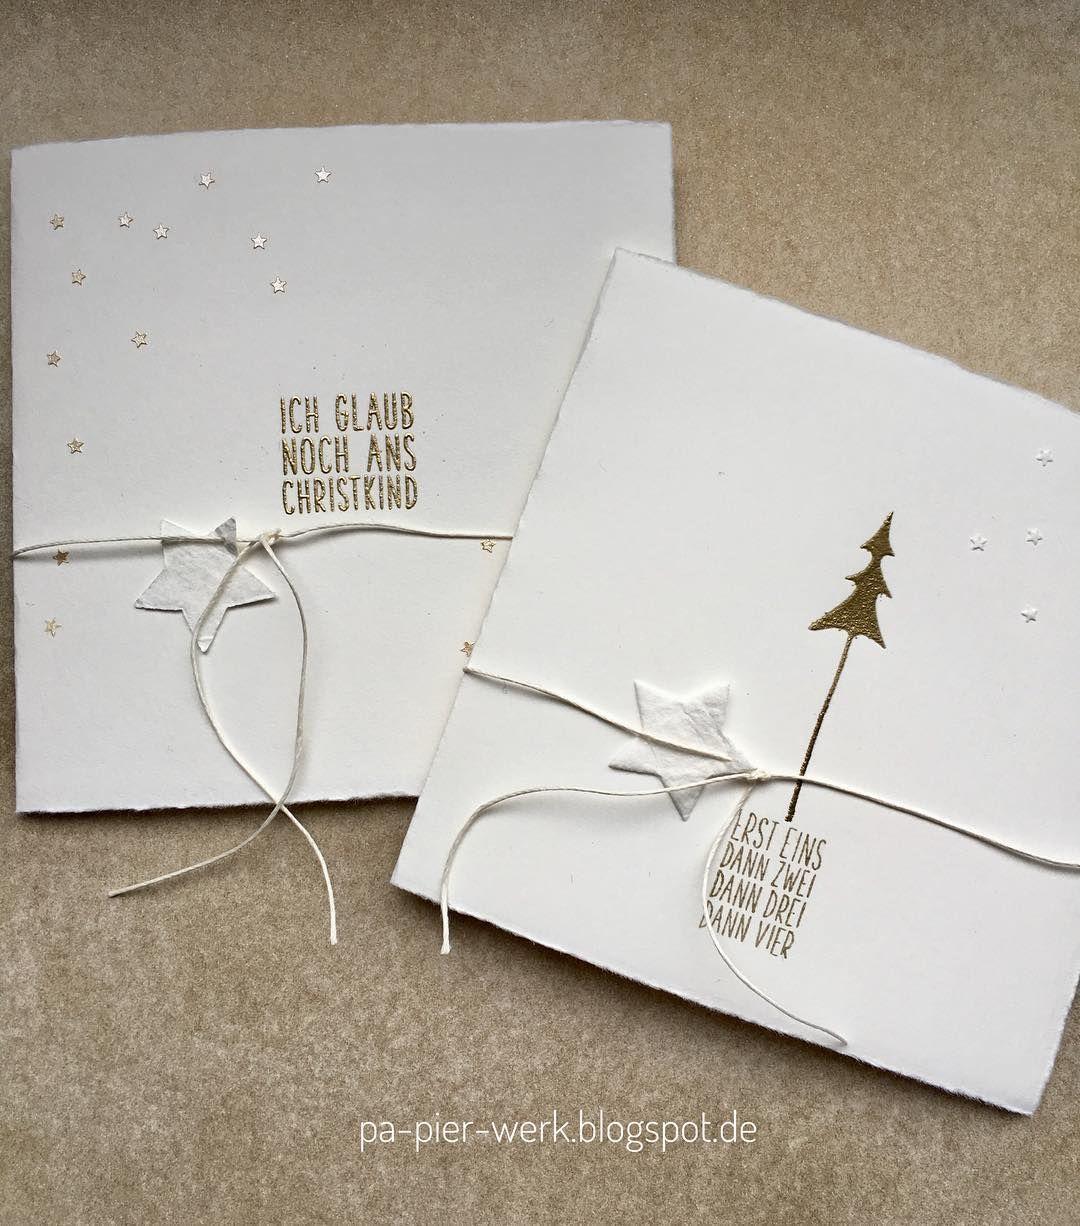 Firmen Weihnachtskarten Selbst Gestalten.Instagram Askartelu Cas Christmas Cards Christmas Cards Und